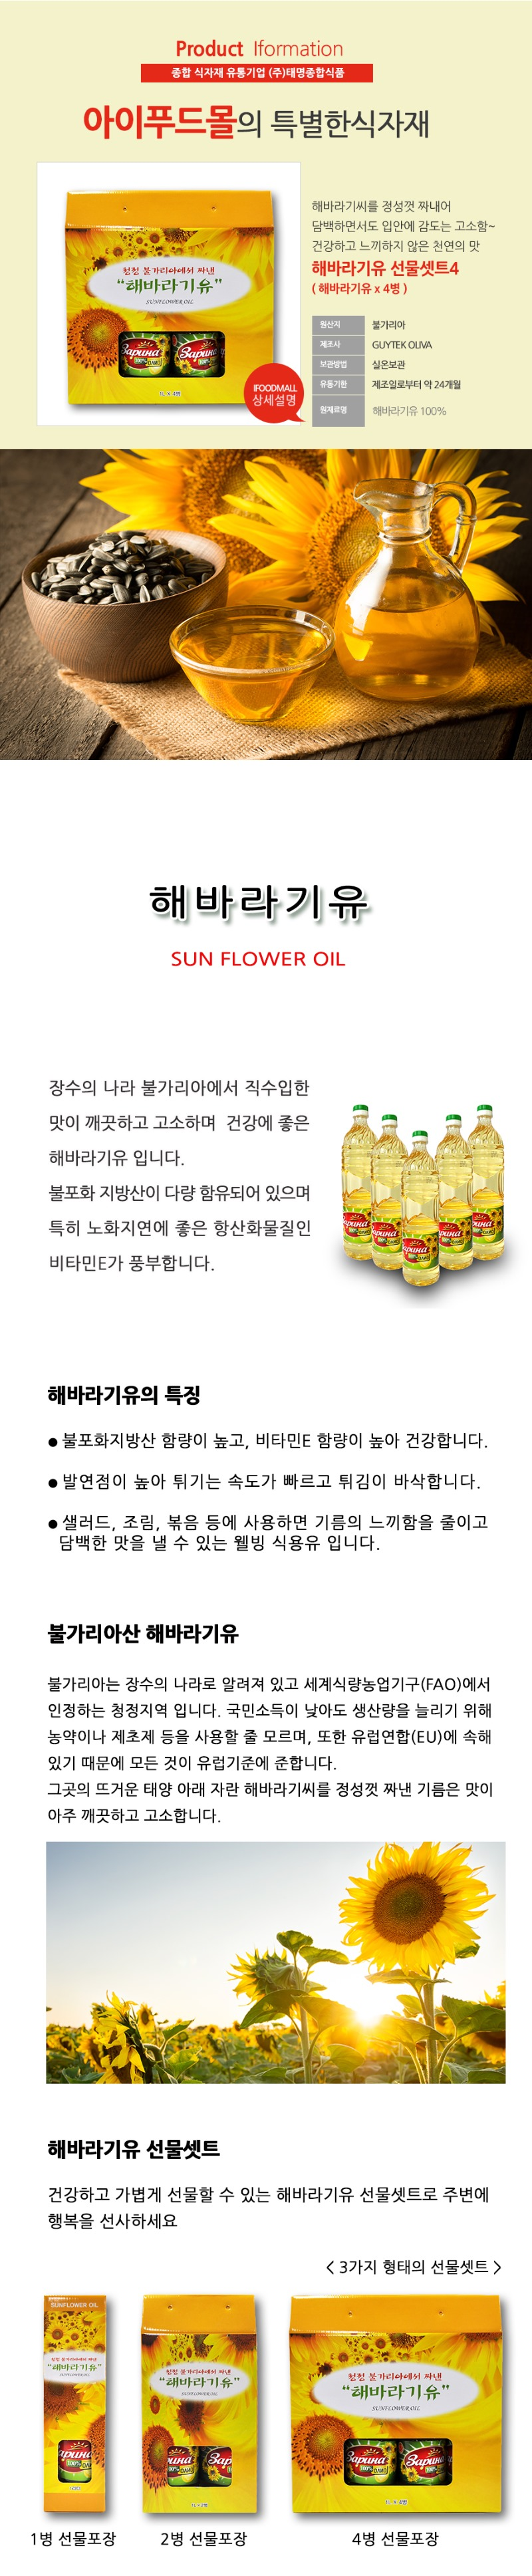 해바라기유 선물셋트4 상품정보1.jpg